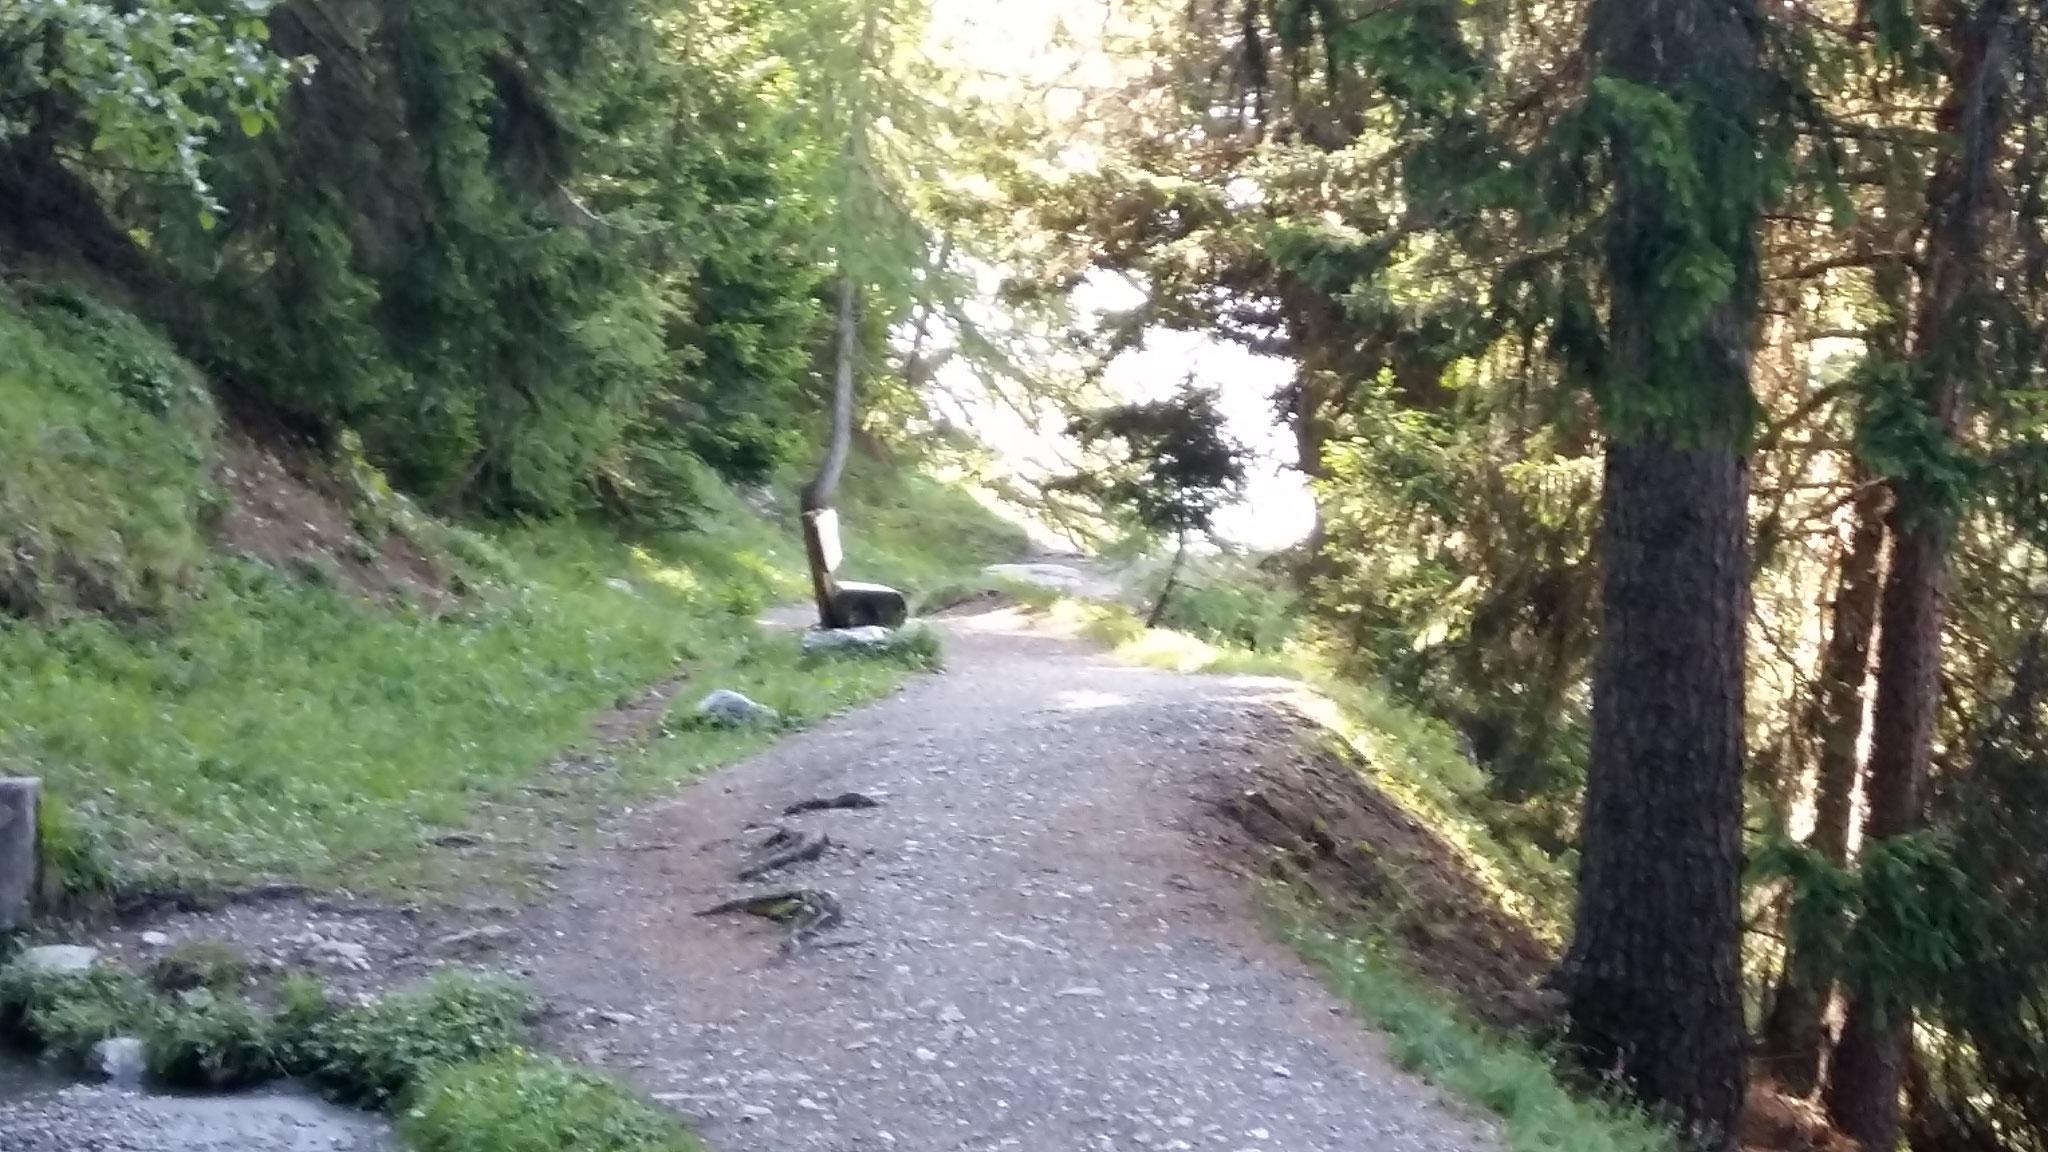 Früh am Morgen sind wir noch alleine auf den Wanderwegen.